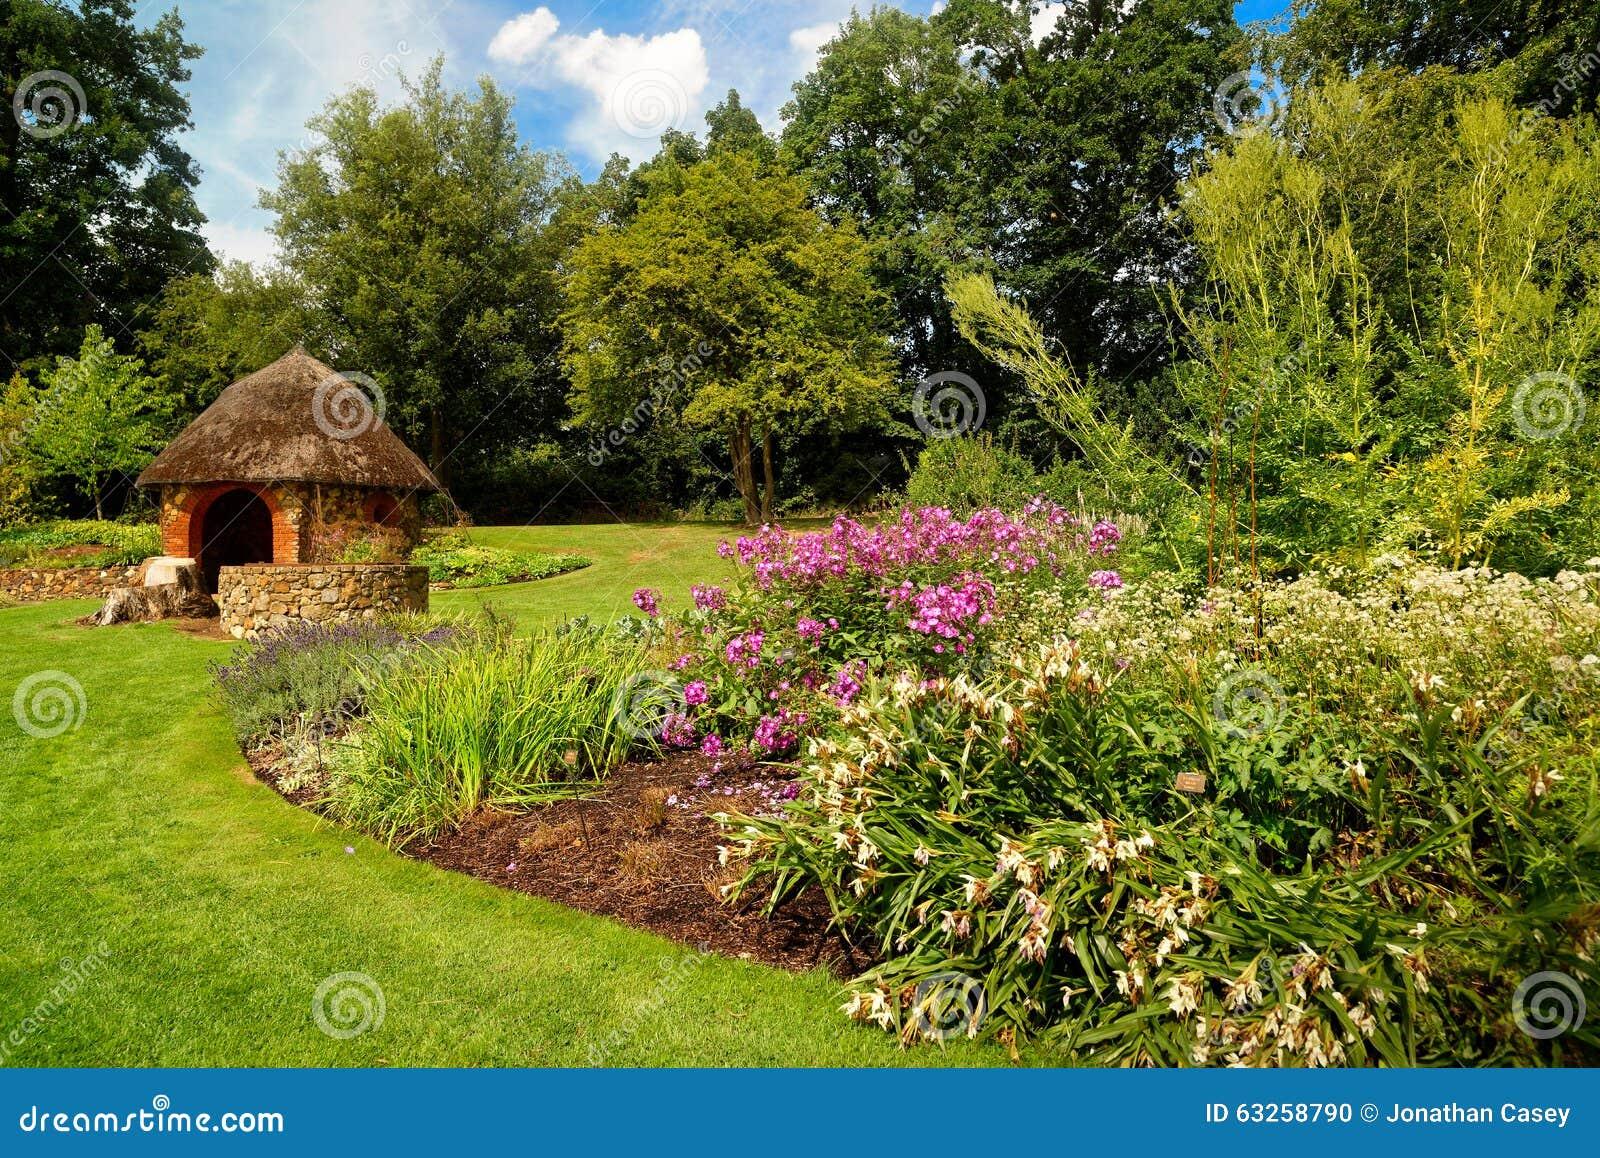 Download Blumige Englische Garten Szene Mit Kleiner Hütte Stockfoto   Bild  Von Englisch, Vielleicht